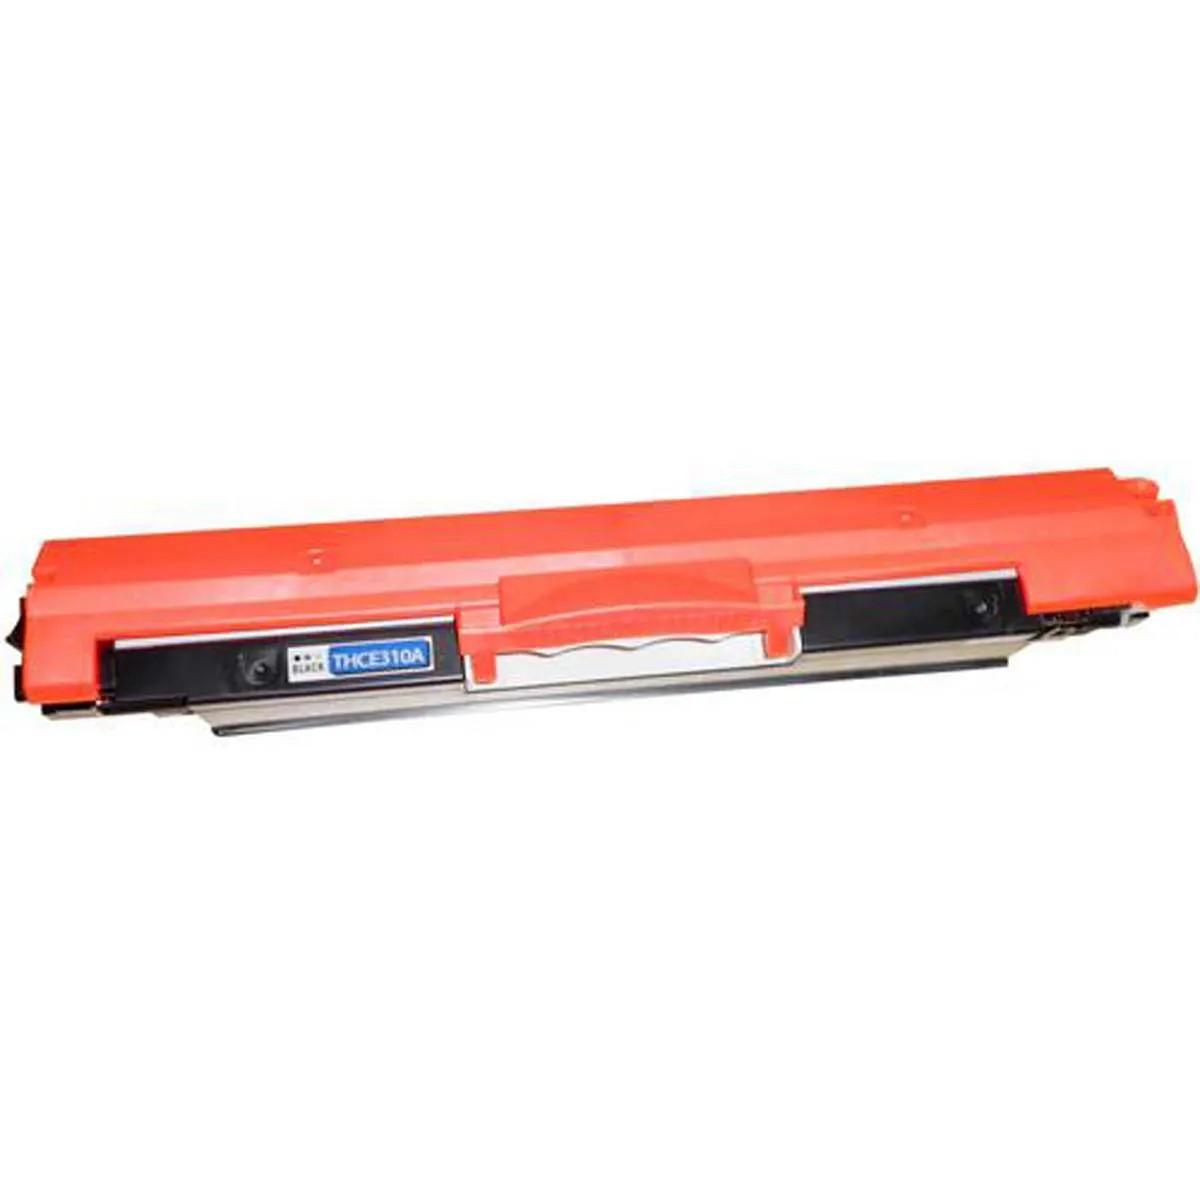 Toner CE310A CE310 310A 126A Preto - CP1020 CP1025 M175 M175A - 1,3K